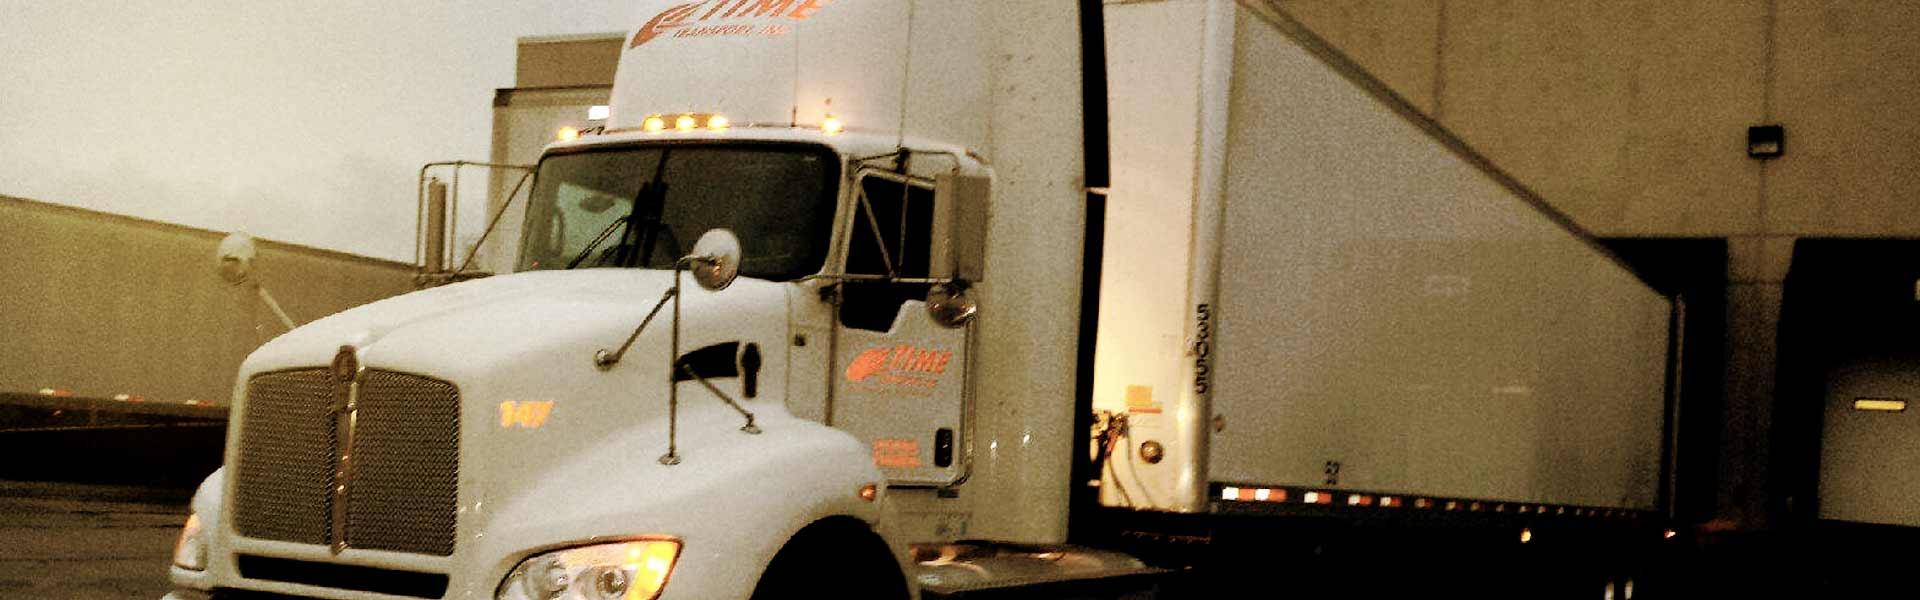 Time Transport loading